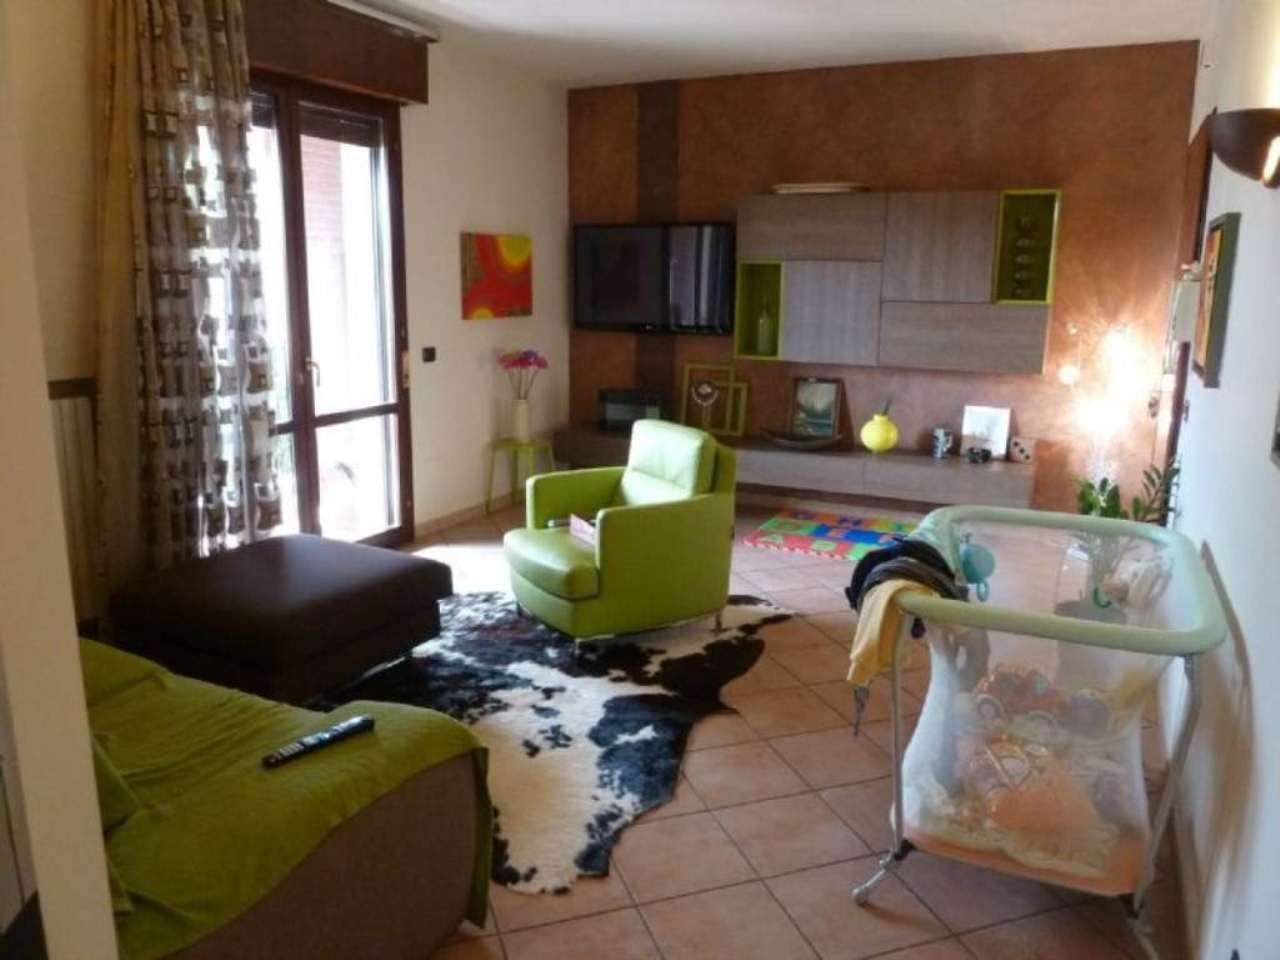 Appartamento in vendita a Sant'Ilario d'Enza, 3 locali, prezzo € 155.000 | Cambio Casa.it